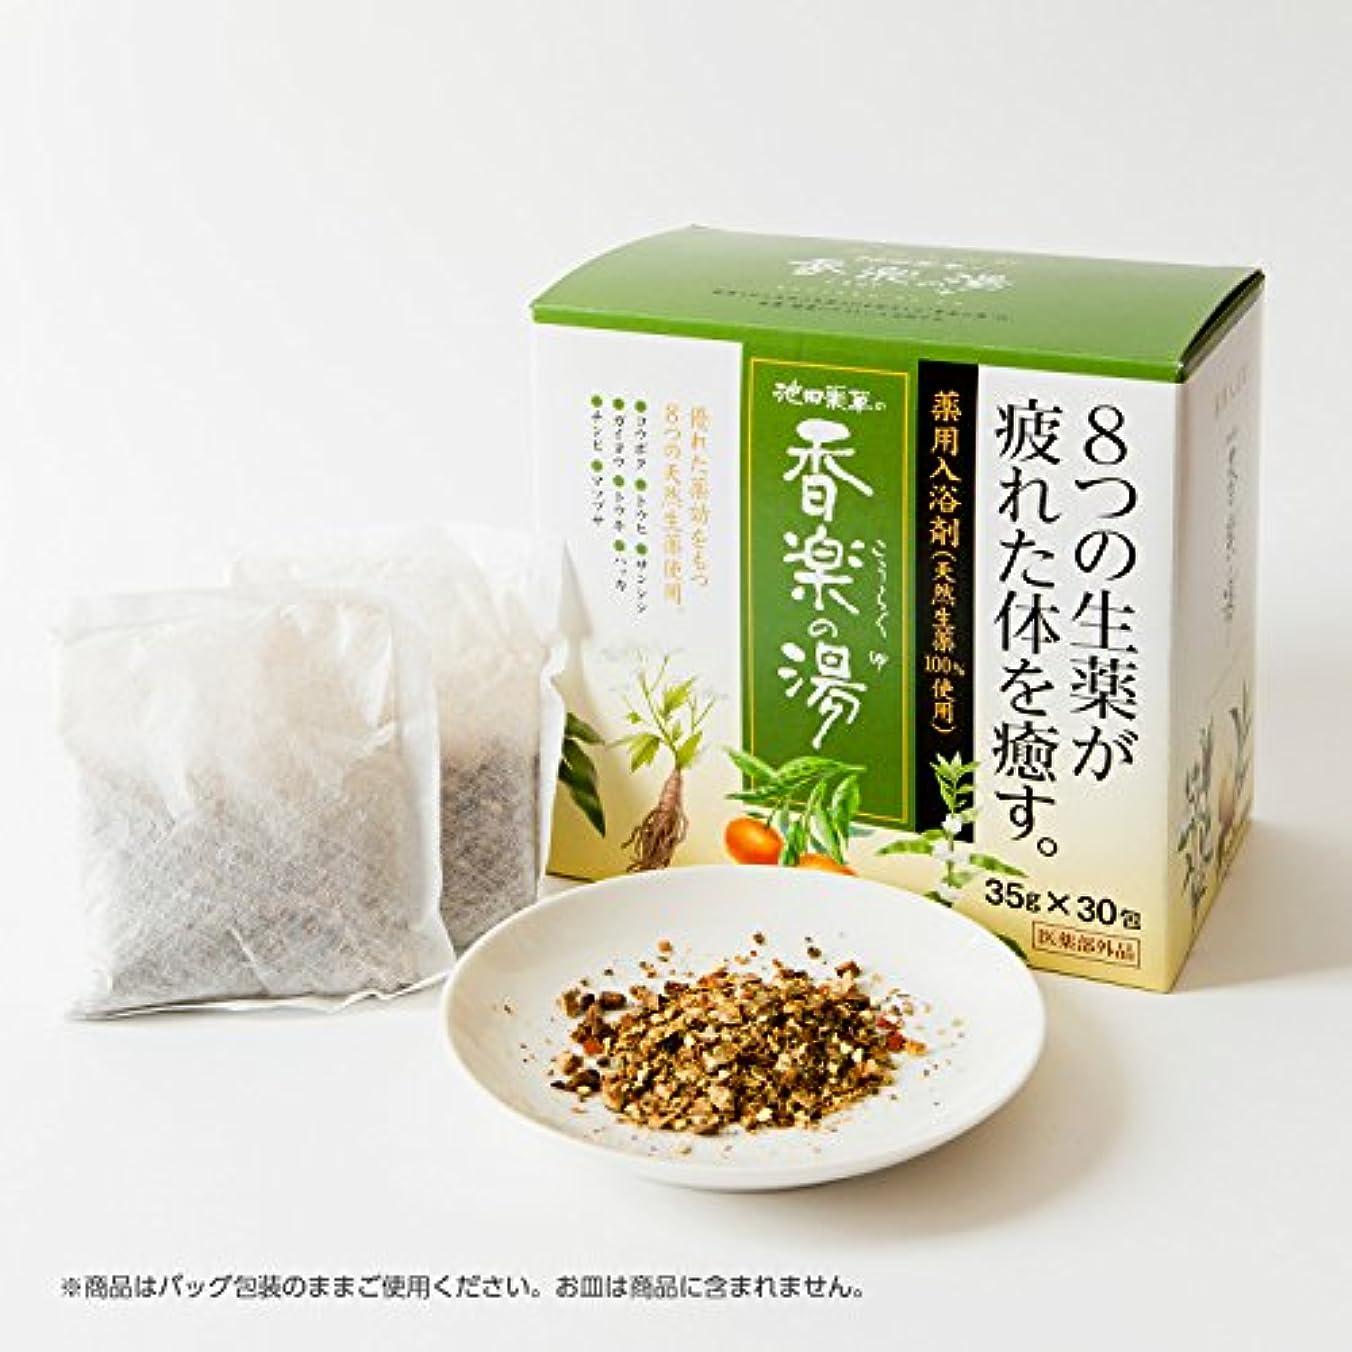 爆発海里一般的な池田薬草の香楽の湯